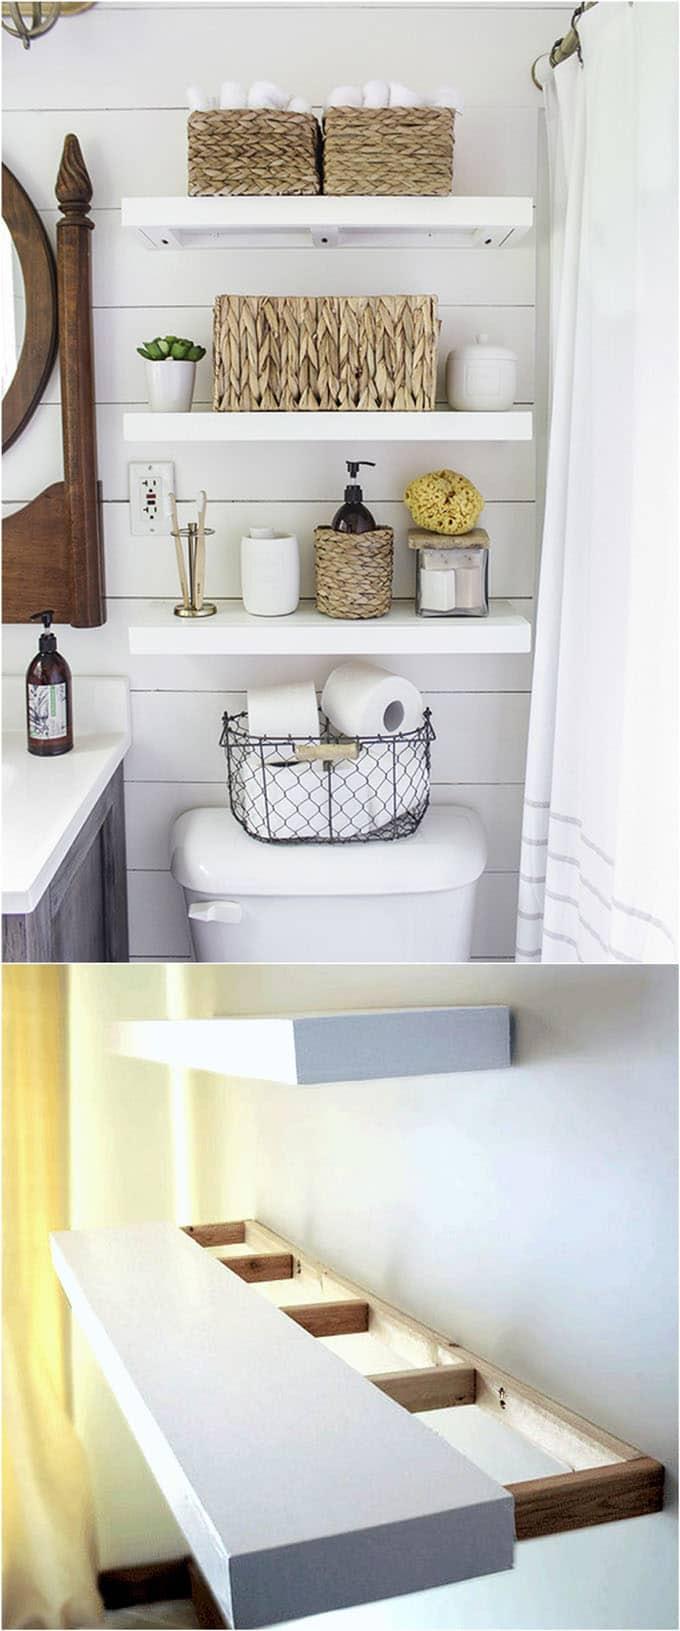 Mensole salvaspazio in bagno